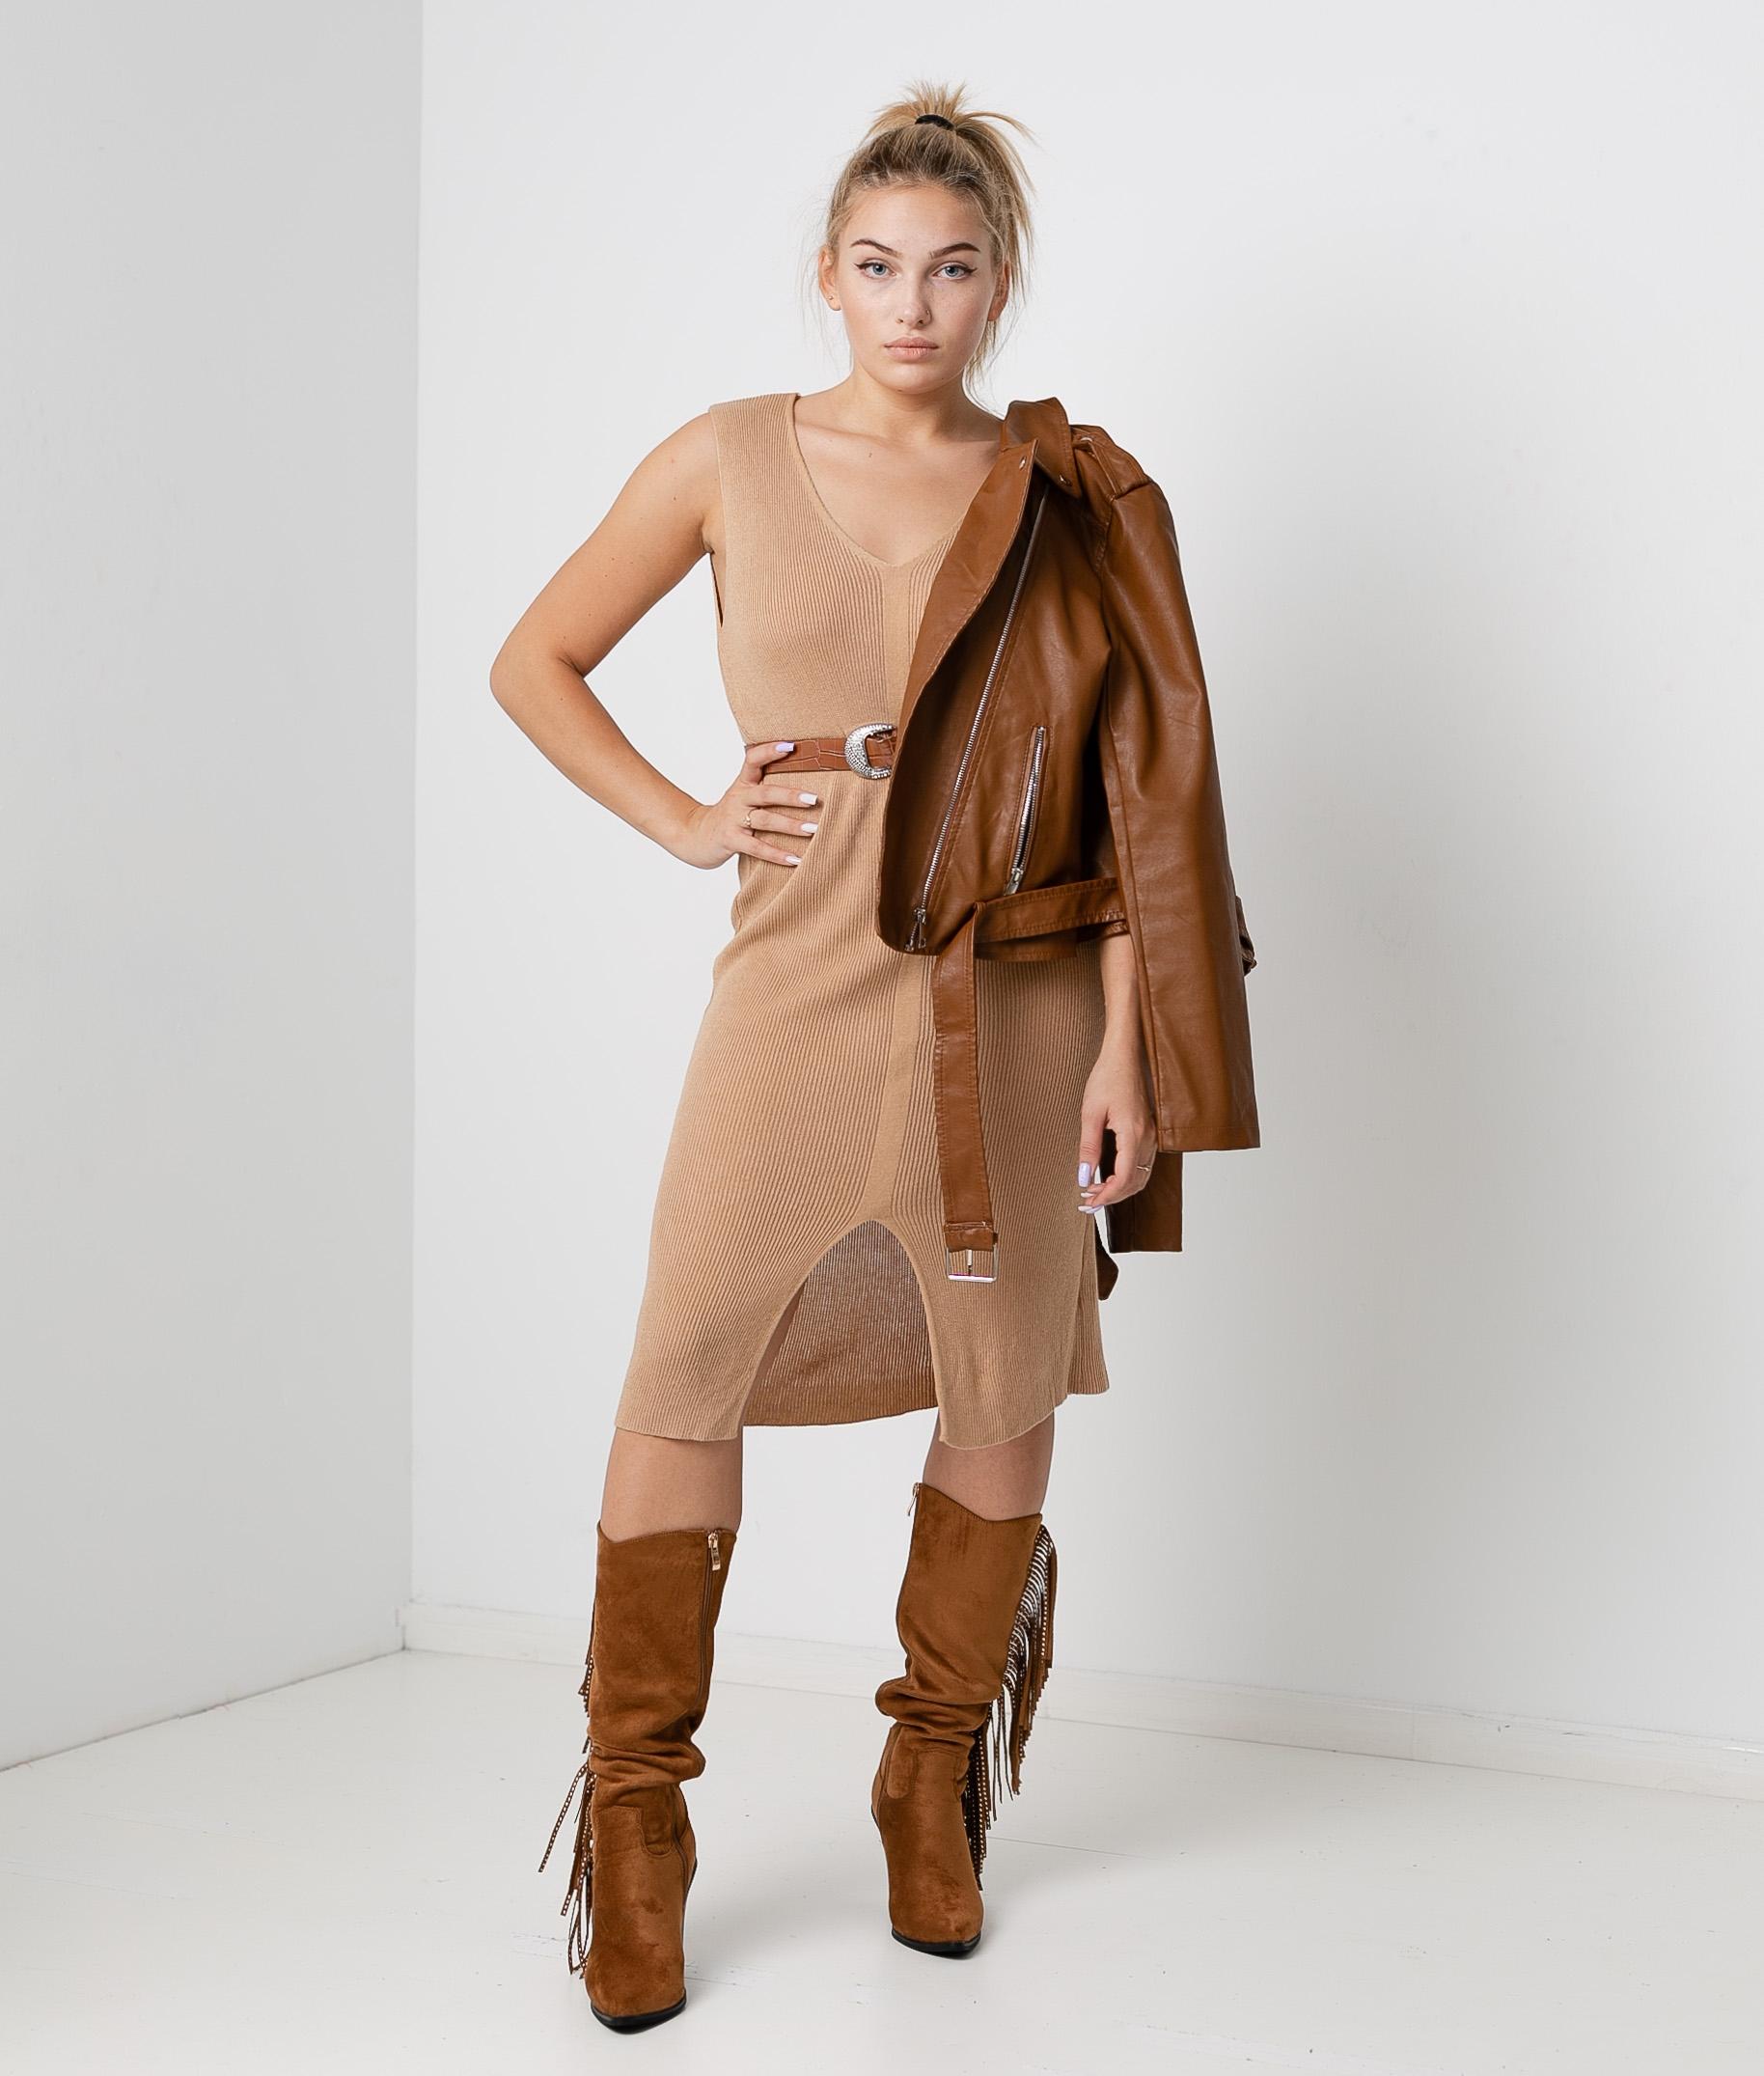 Porfido Dress - Camel